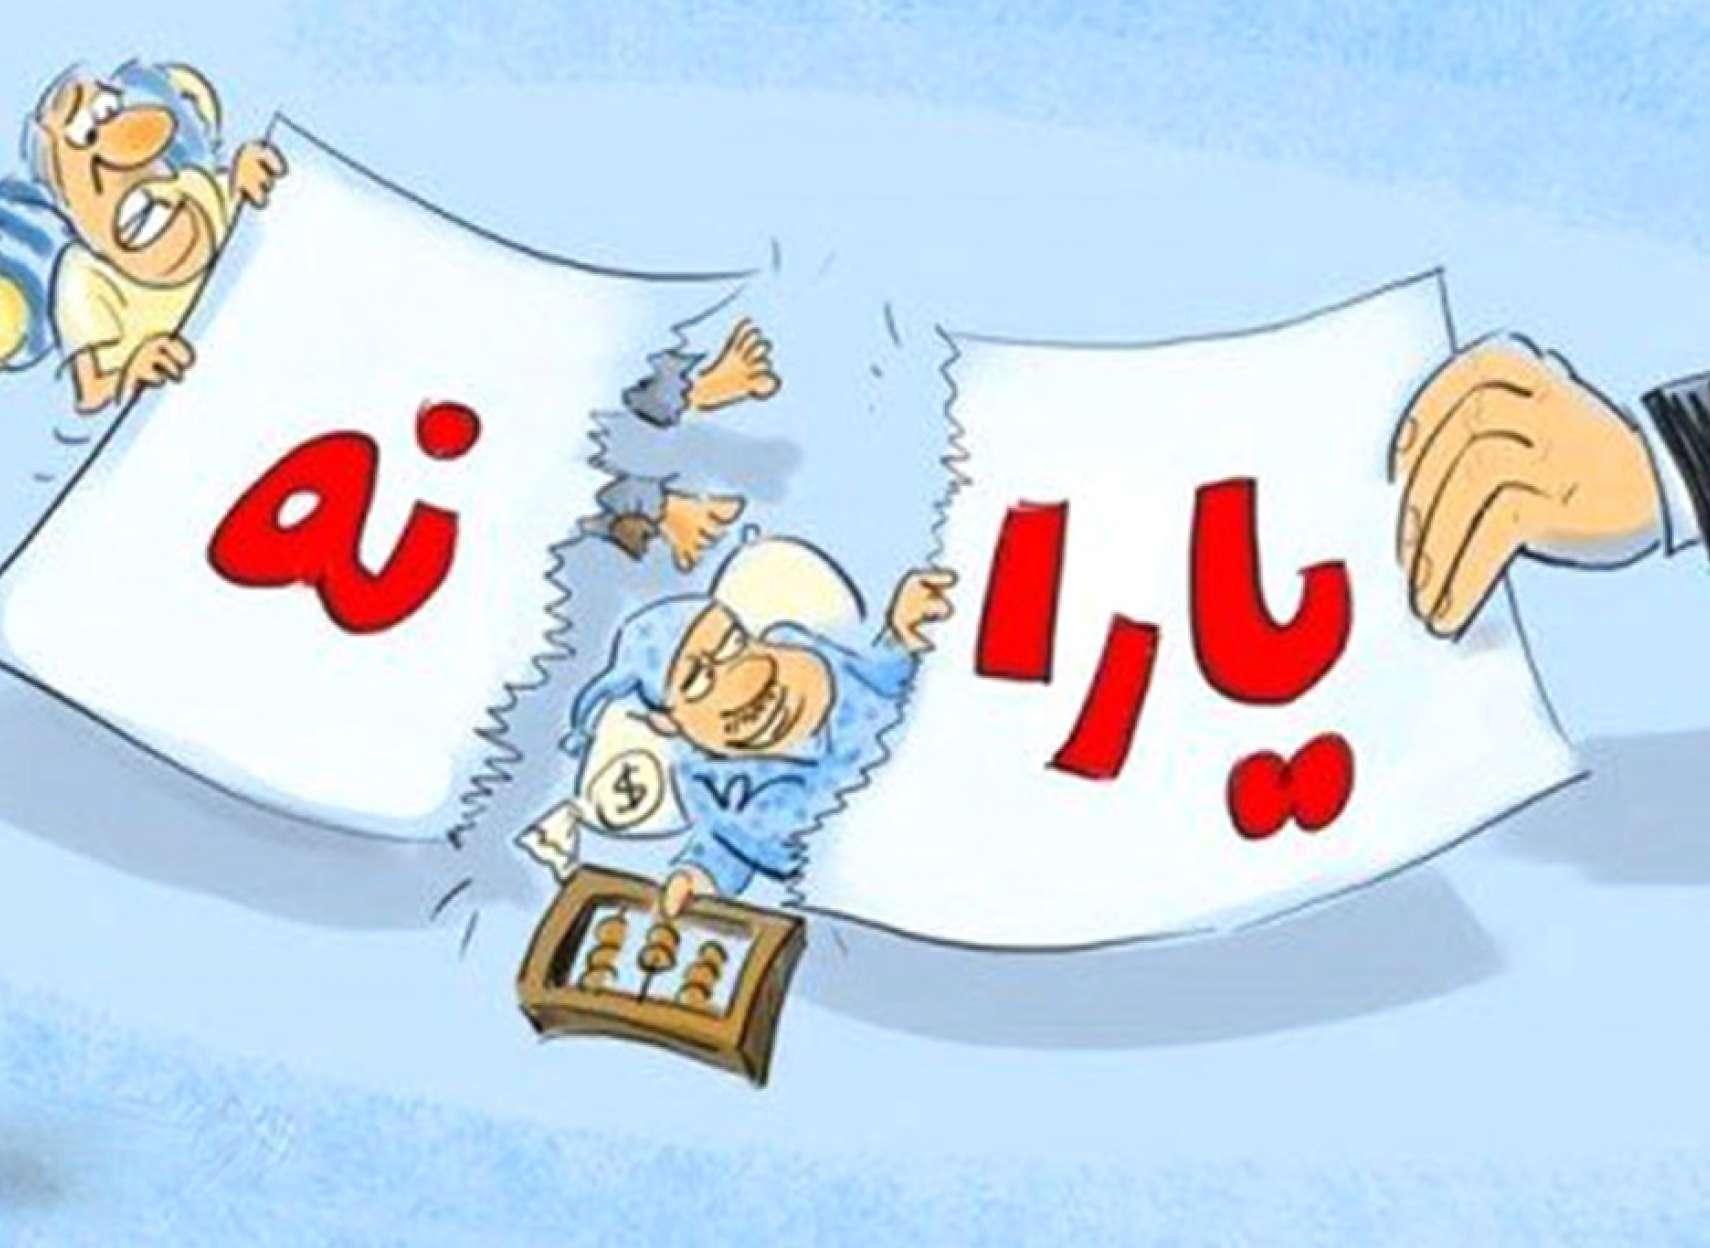 طنز-فضول-اندر-حکایت-علایق-ما-ایرانیها-به-بعضی-از-عادتها